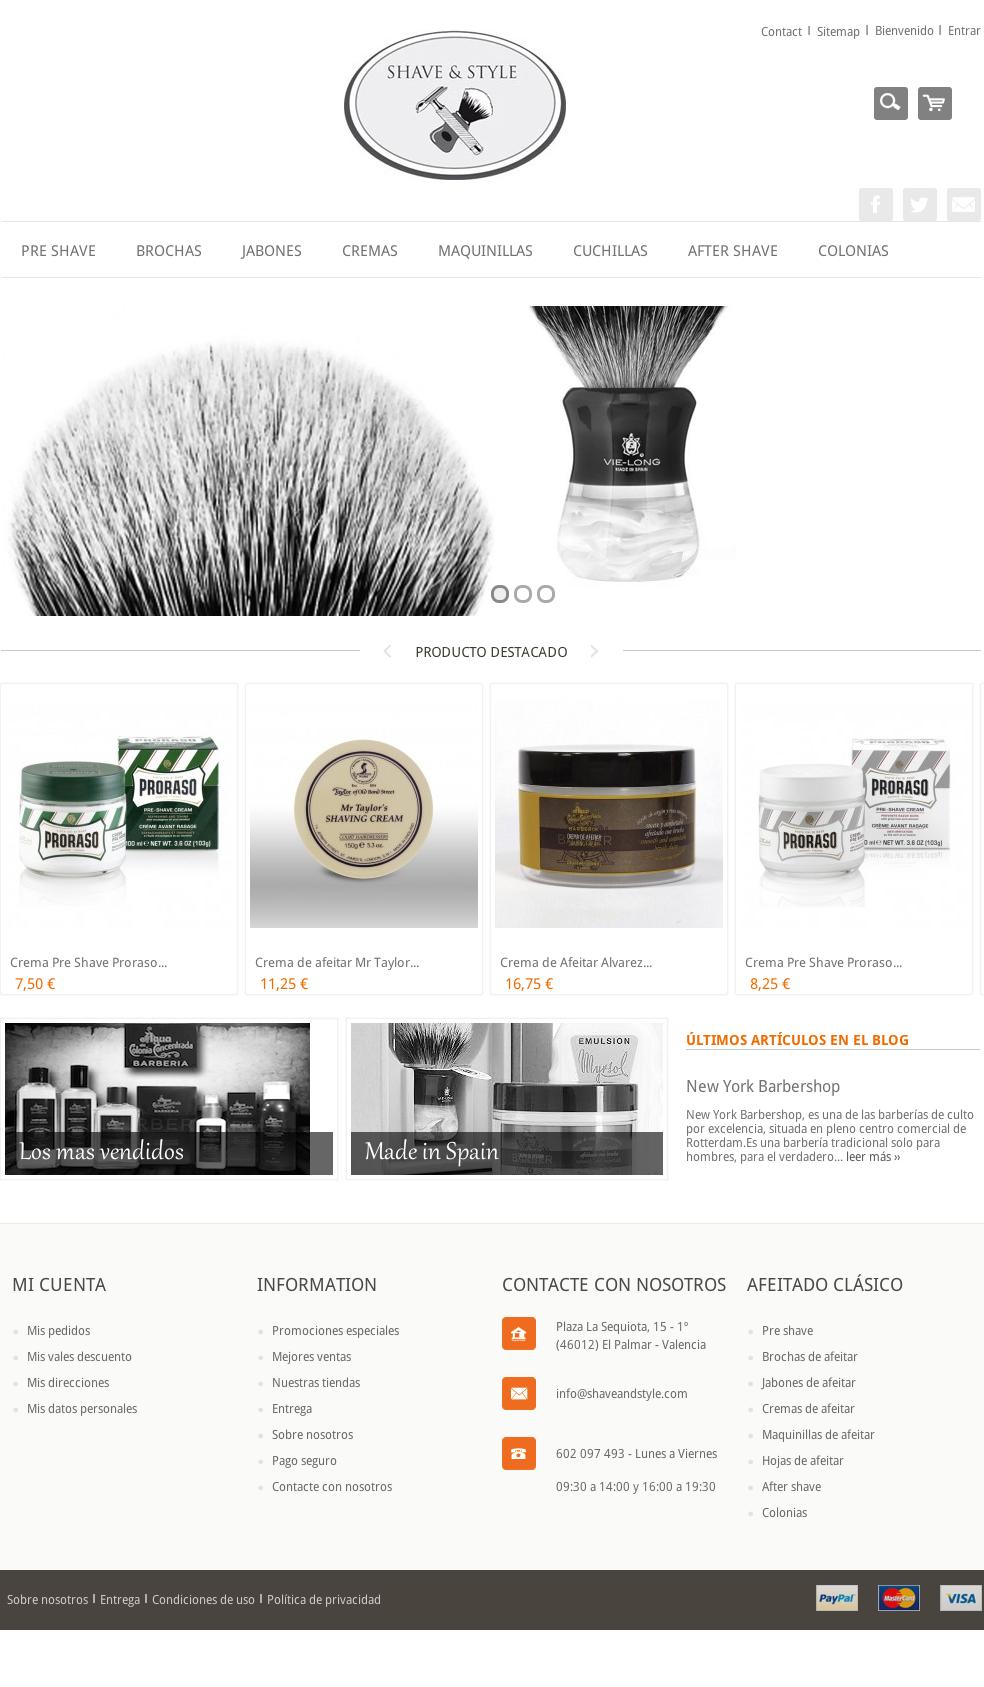 Shave & Style - El Arte Del Afeitado Clásico - Shave & Style (20150904)